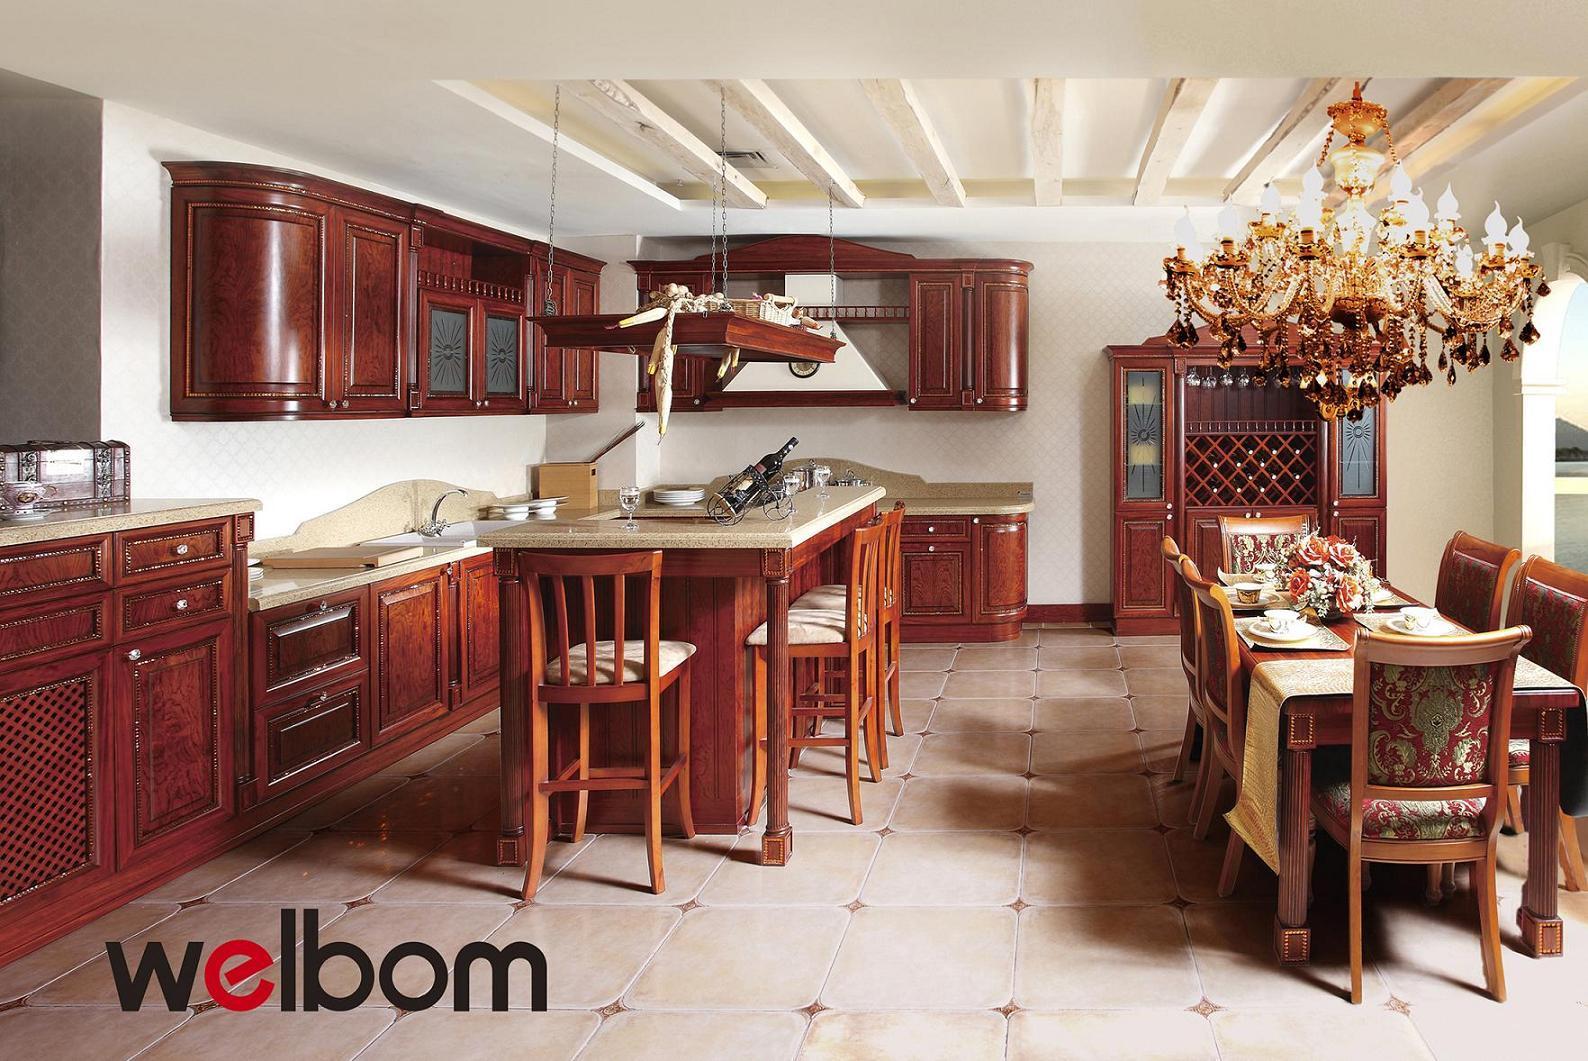 Foto de Muebles de cocina americana de arce de madera sólida mueble ...